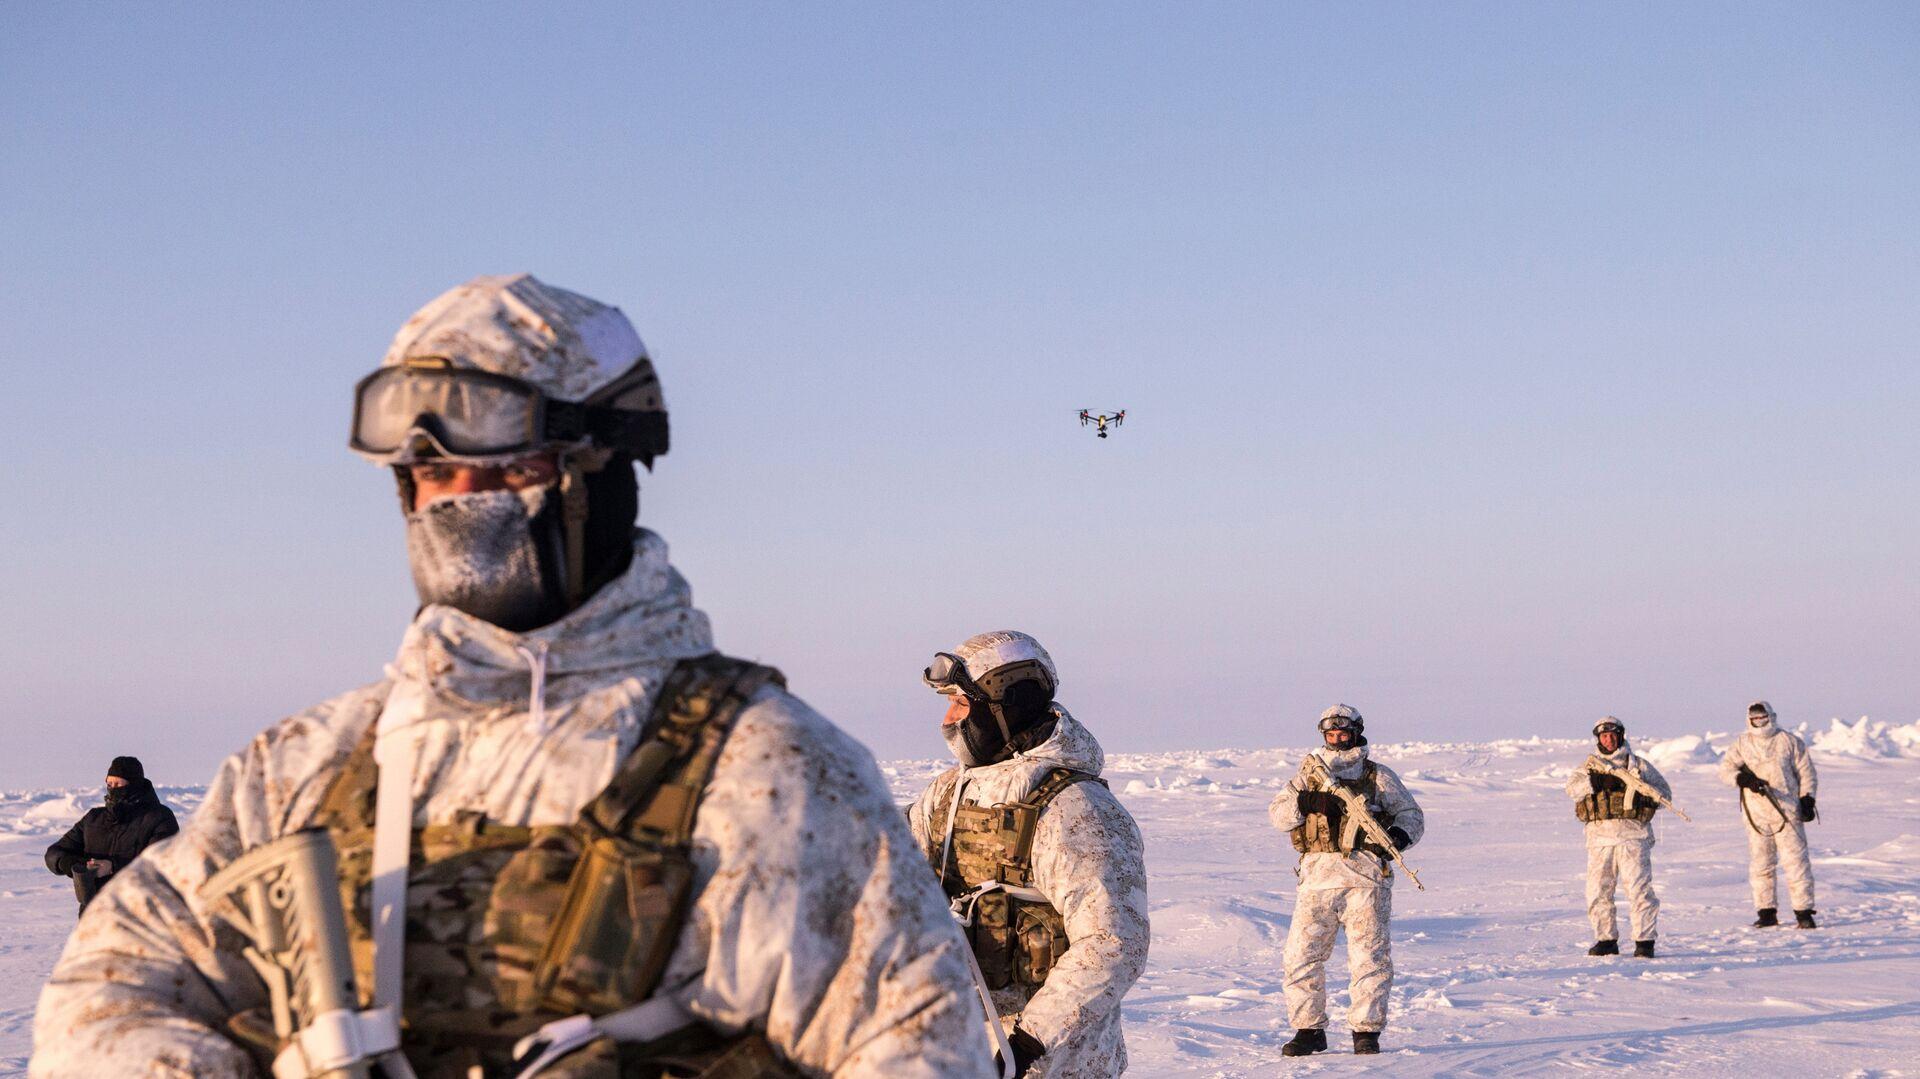 Militares de las Fuerzas especiales de Rusia en el Ártico - Sputnik Mundo, 1920, 01.06.2021